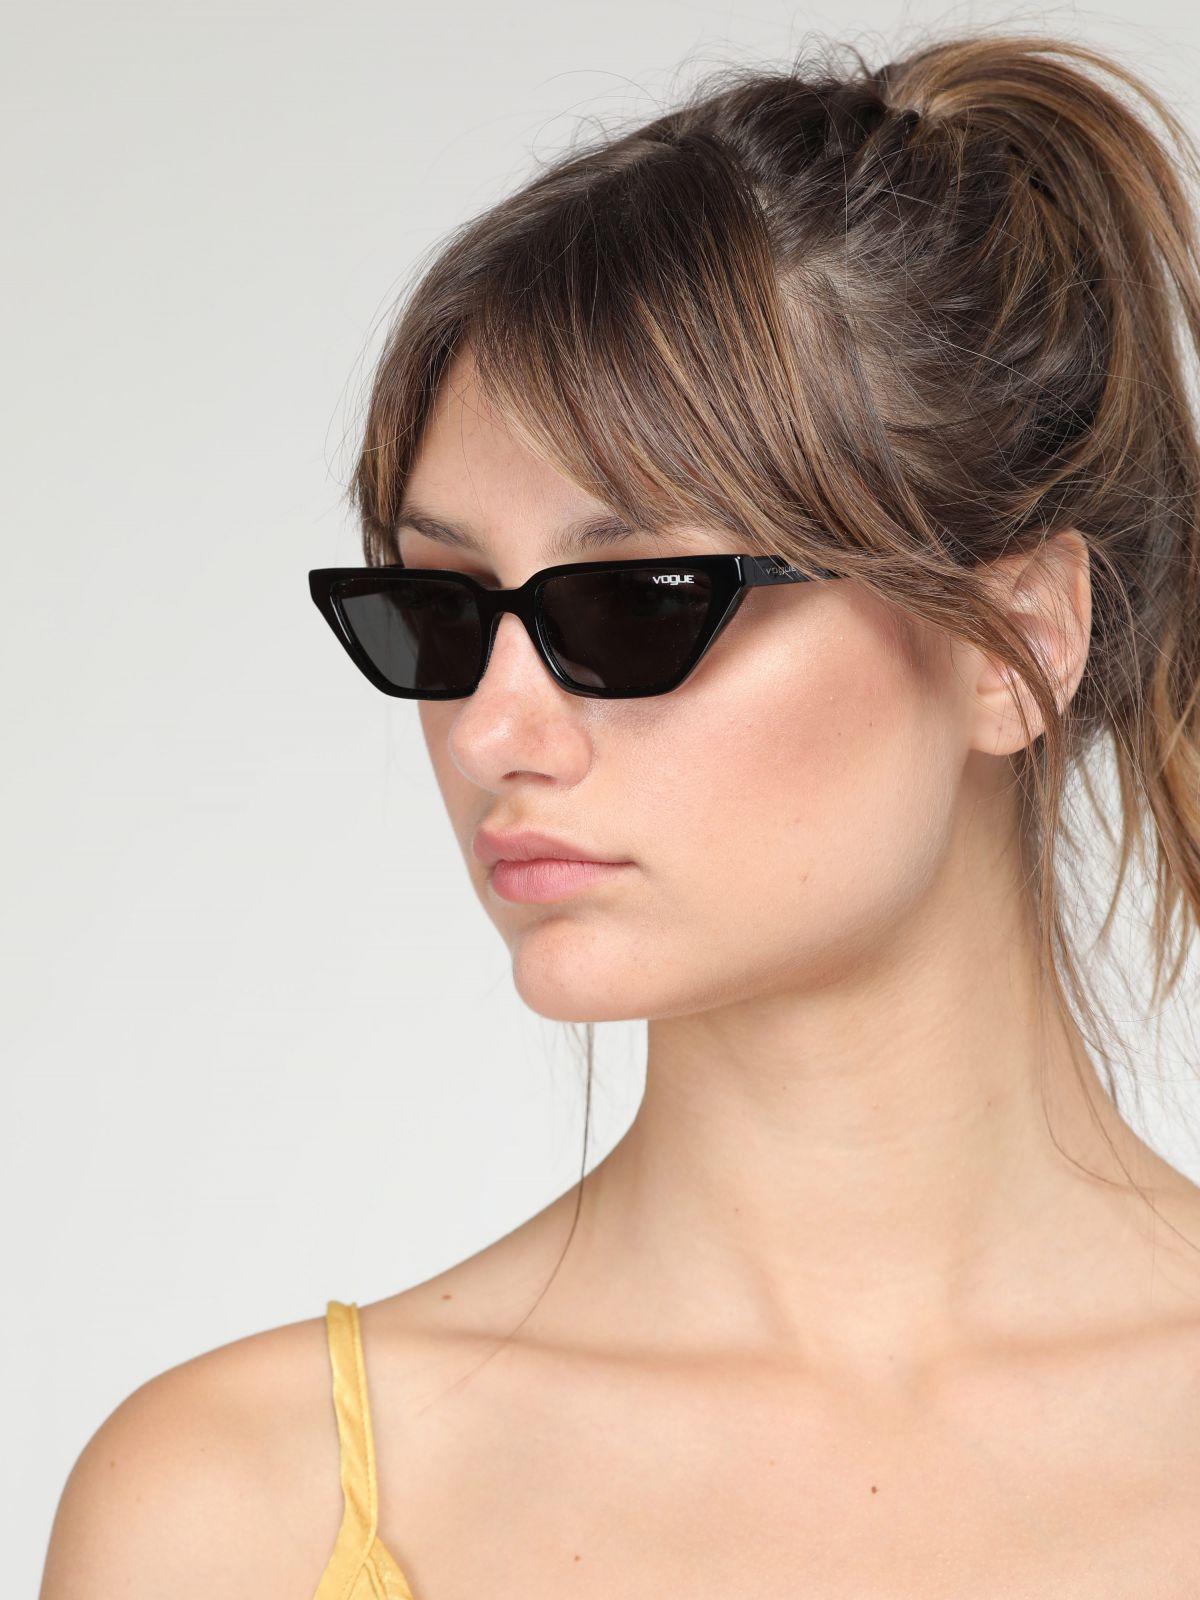 משקפי שמש מלבניים צרים Gigi Hadidמשקפי שמש מלבניים צרים Gigi Hadid של vogue eyewear